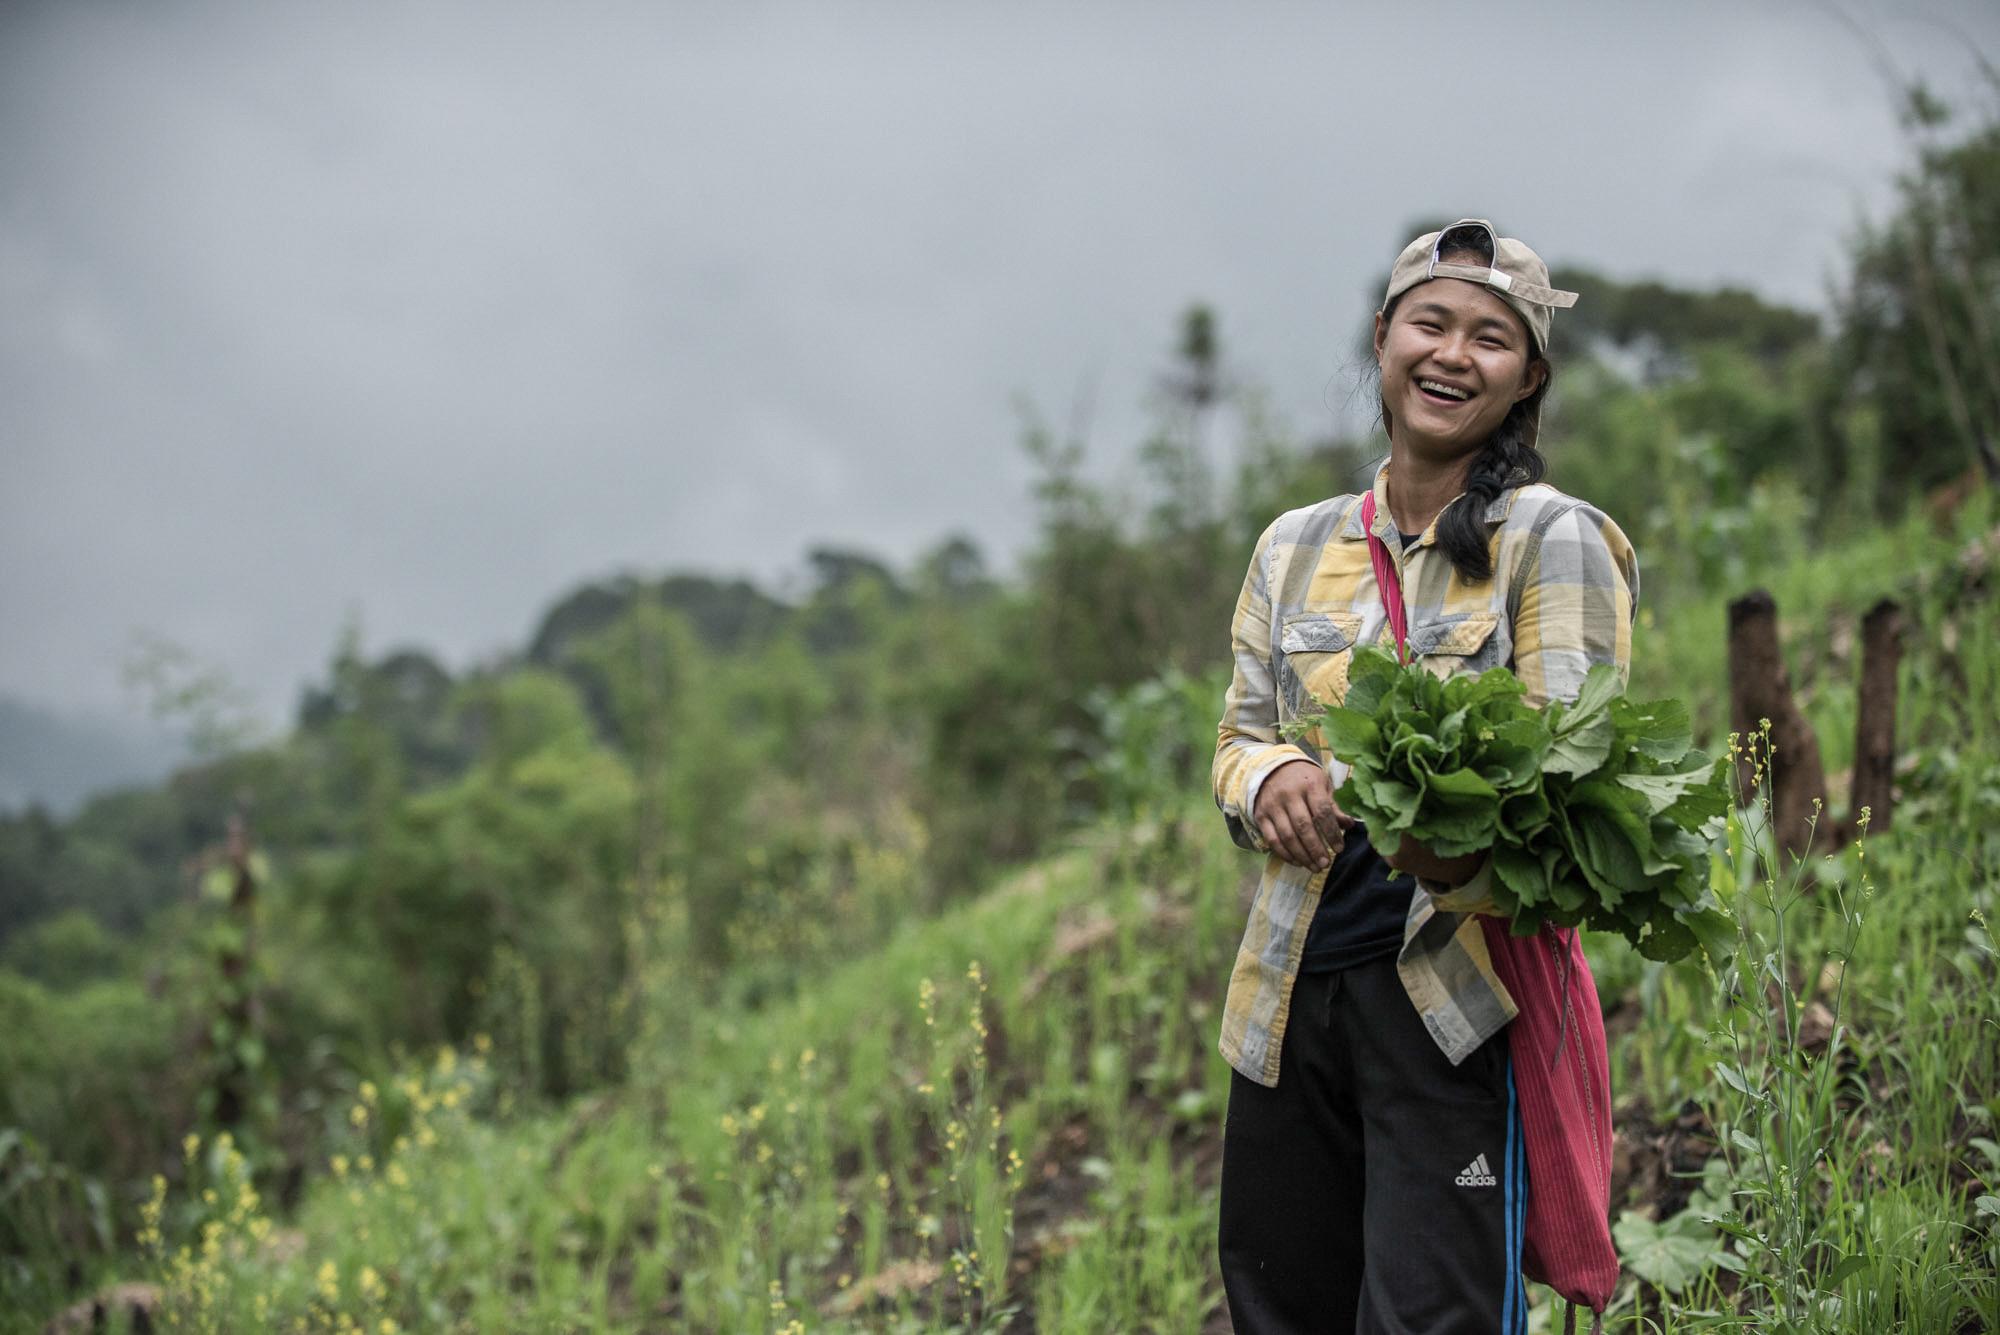 ดาวใจ ศิริ แกนนำเยาวชนบ้านห้วยหินลาดใน ผู้เป็นตัวหลักในการขับเคลื่อนกองทุนดูแลผืนป่าของหมู่บ้าน (ที่มา: ยศธร ไตรยศ)